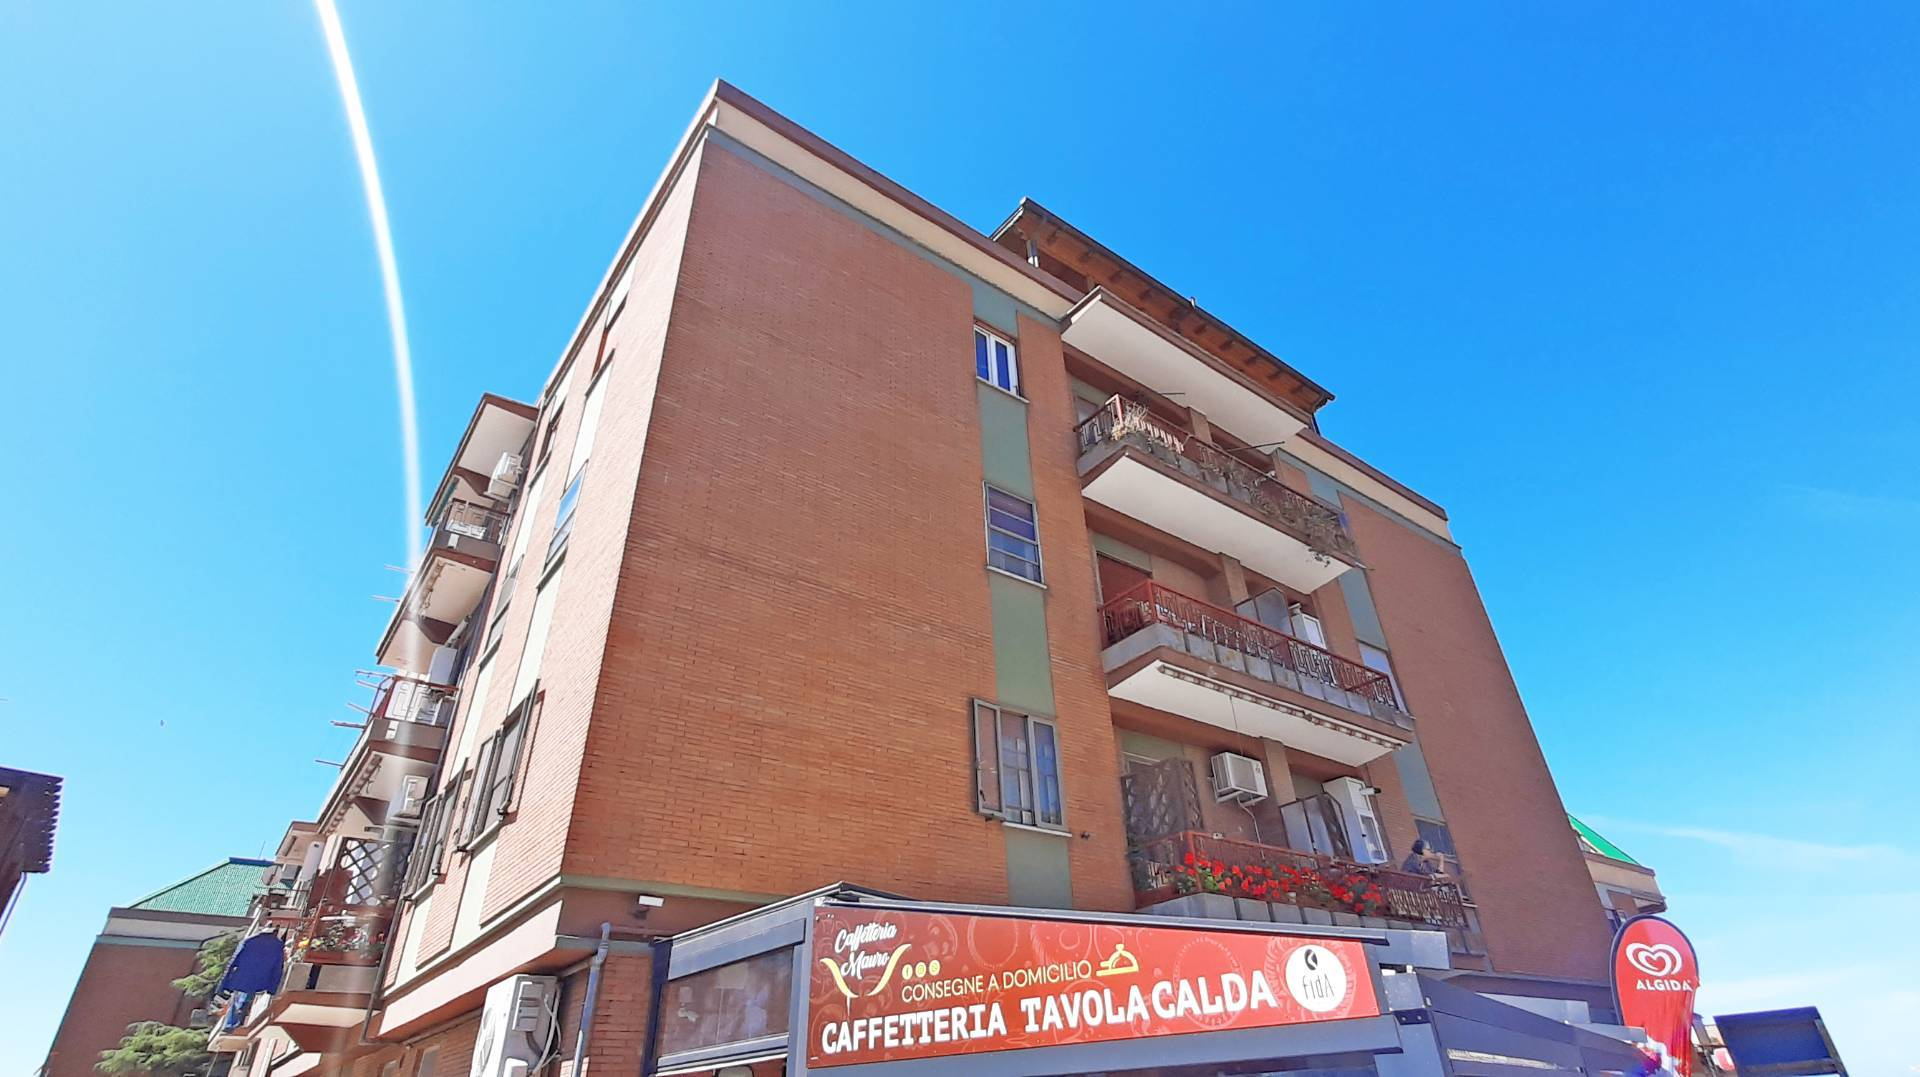 Appartamento in vendita a Tarquinia, 2 locali, zona Località: Clementina, prezzo € 110.000   PortaleAgenzieImmobiliari.it